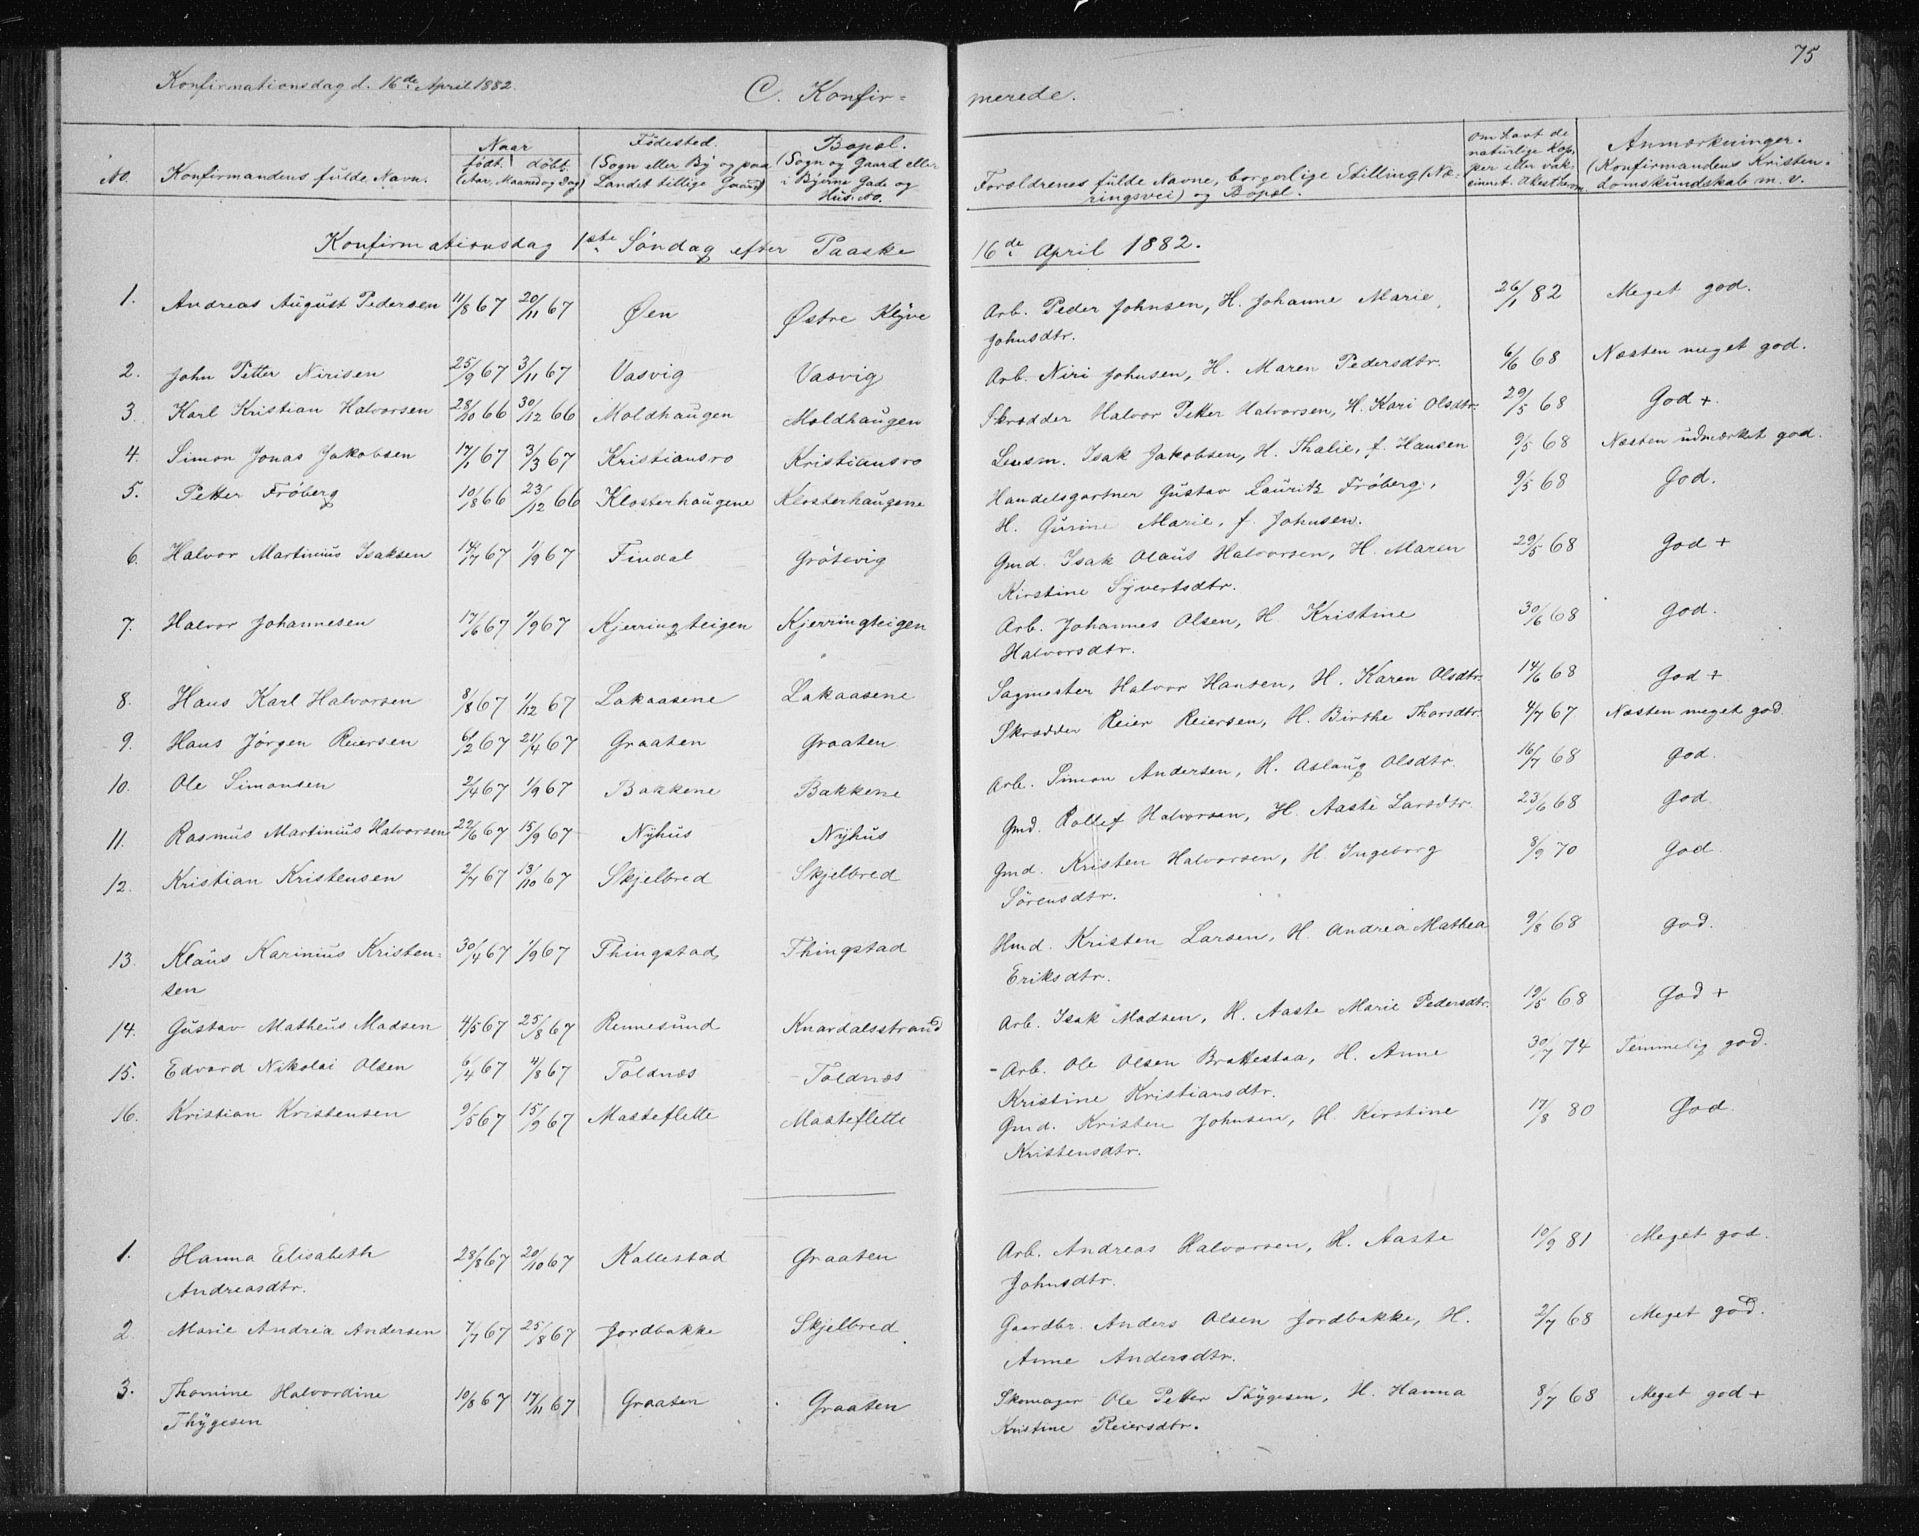 SAKO, Solum kirkebøker, G/Ga/L0006: Klokkerbok nr. I 6, 1882-1883, s. 75